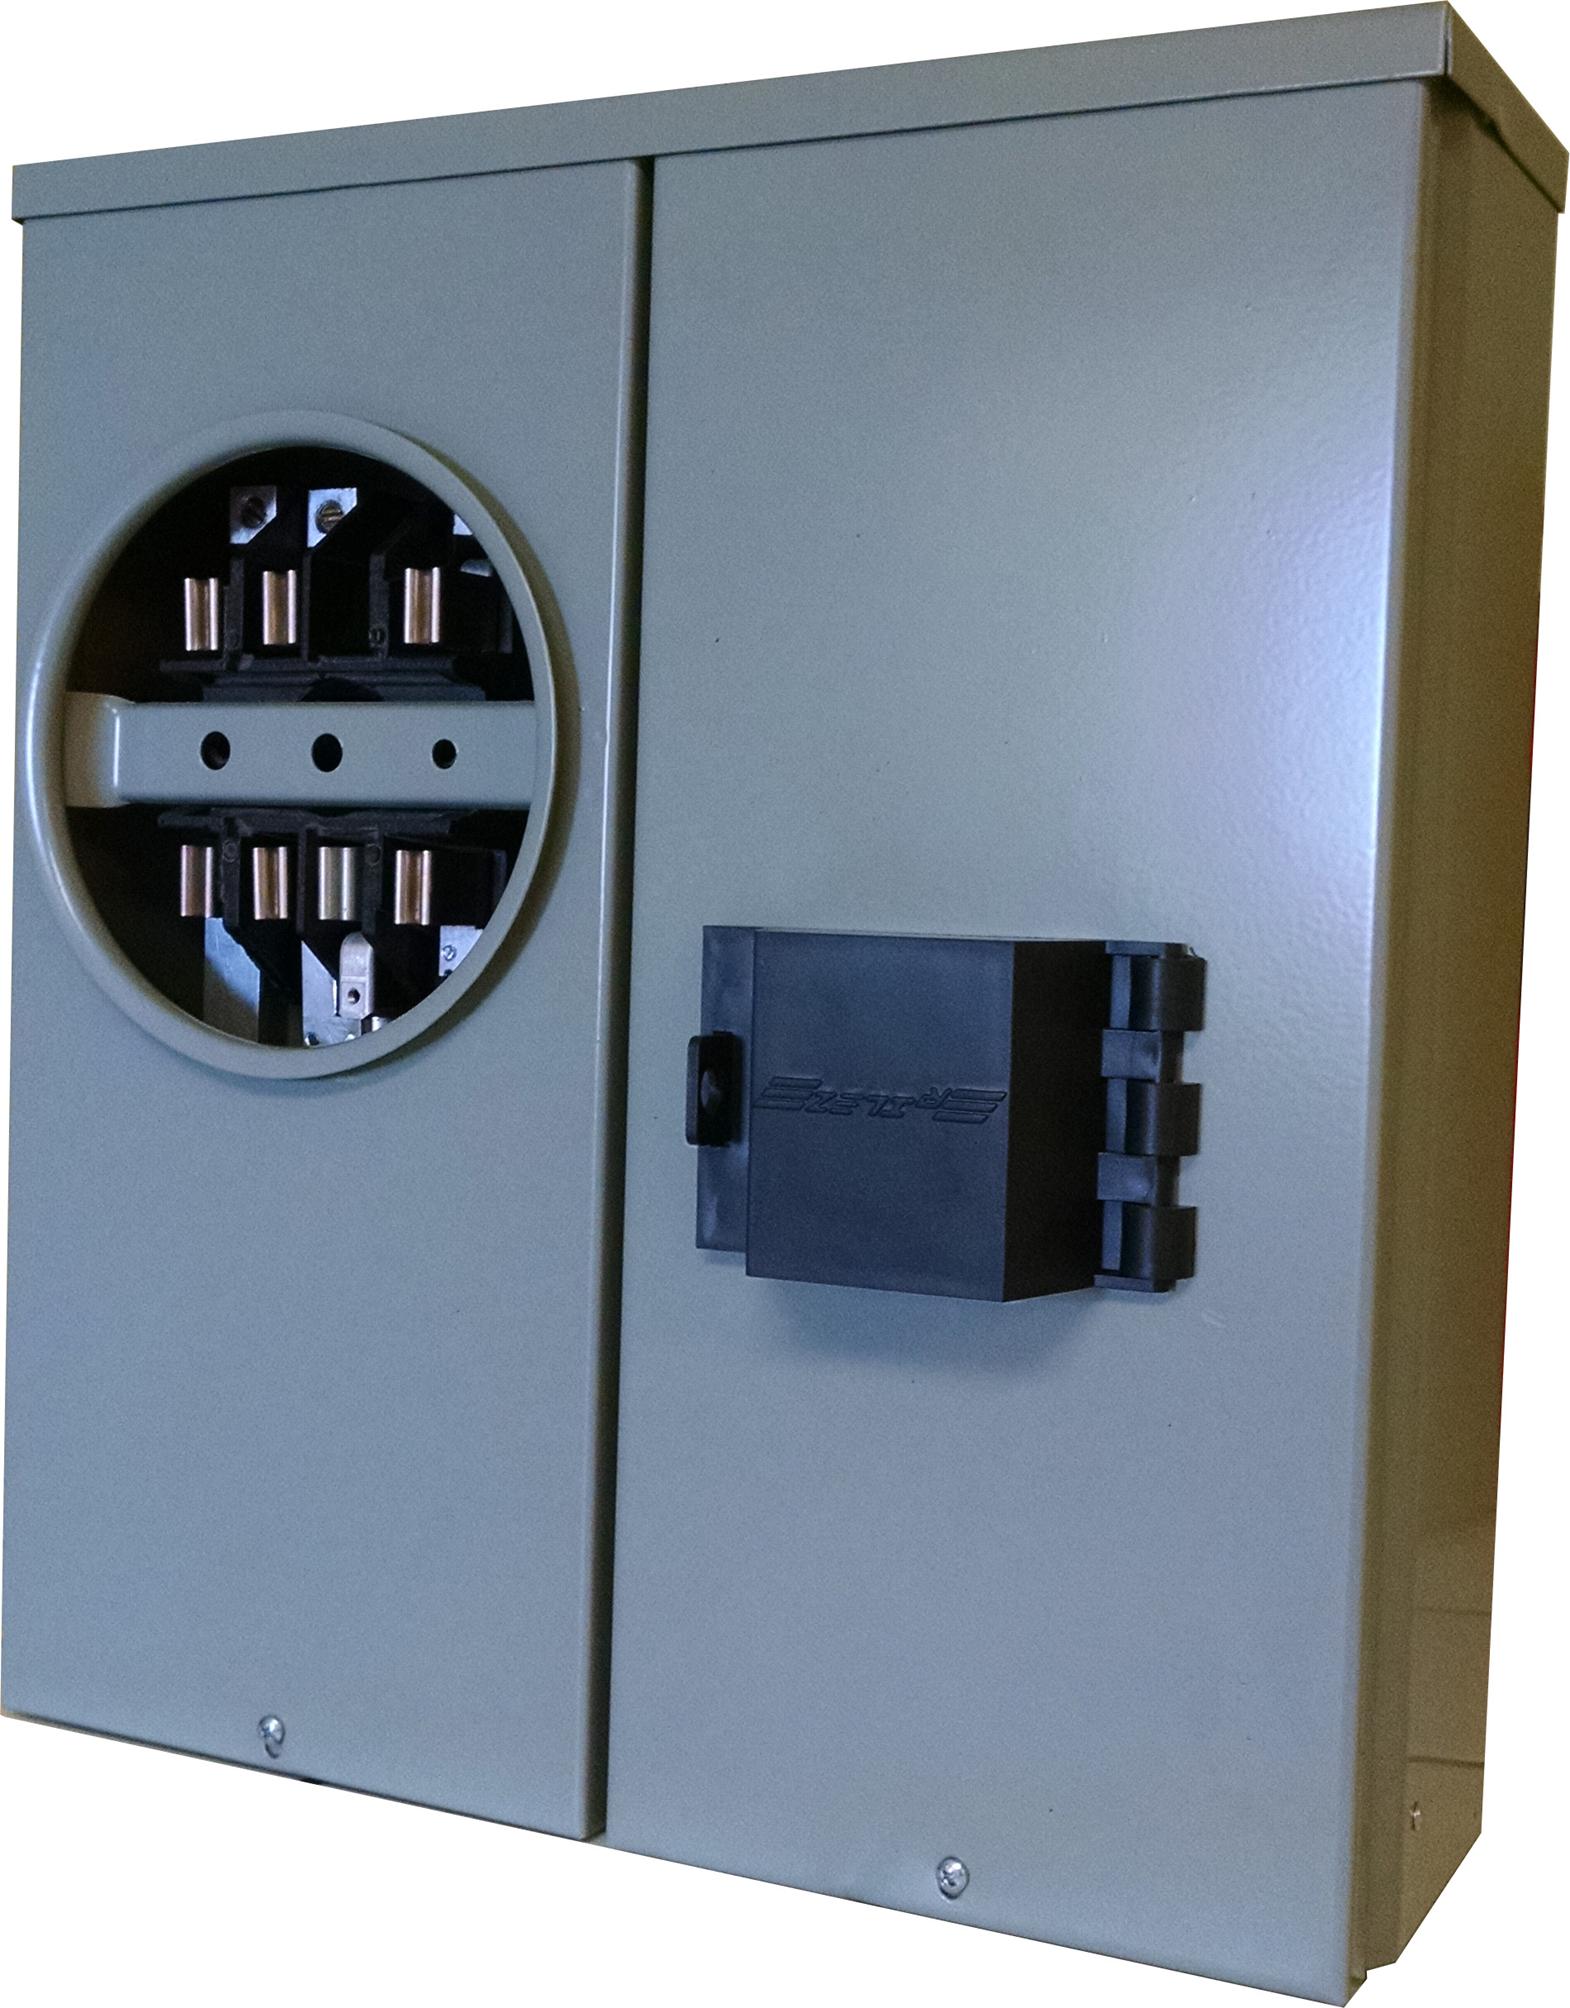 BASE INTEGRAL SUBTERRANEA PARA WATTHORIMETRO TRIFASICO 7 TERMINALES 100 AMP